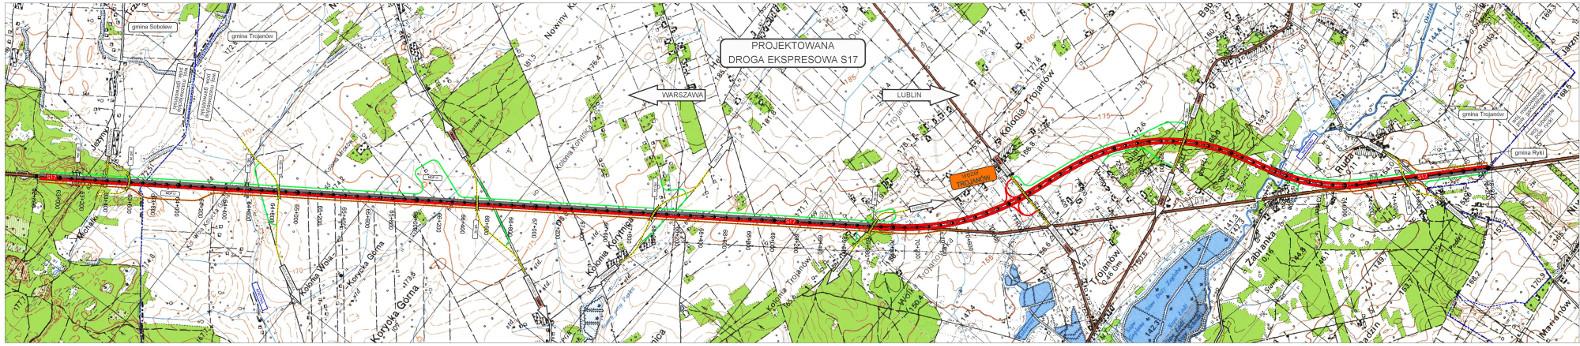 Mapa odcinka drogi S17 od Gończyc do granicy województw mazowieckiego i lubelskiego